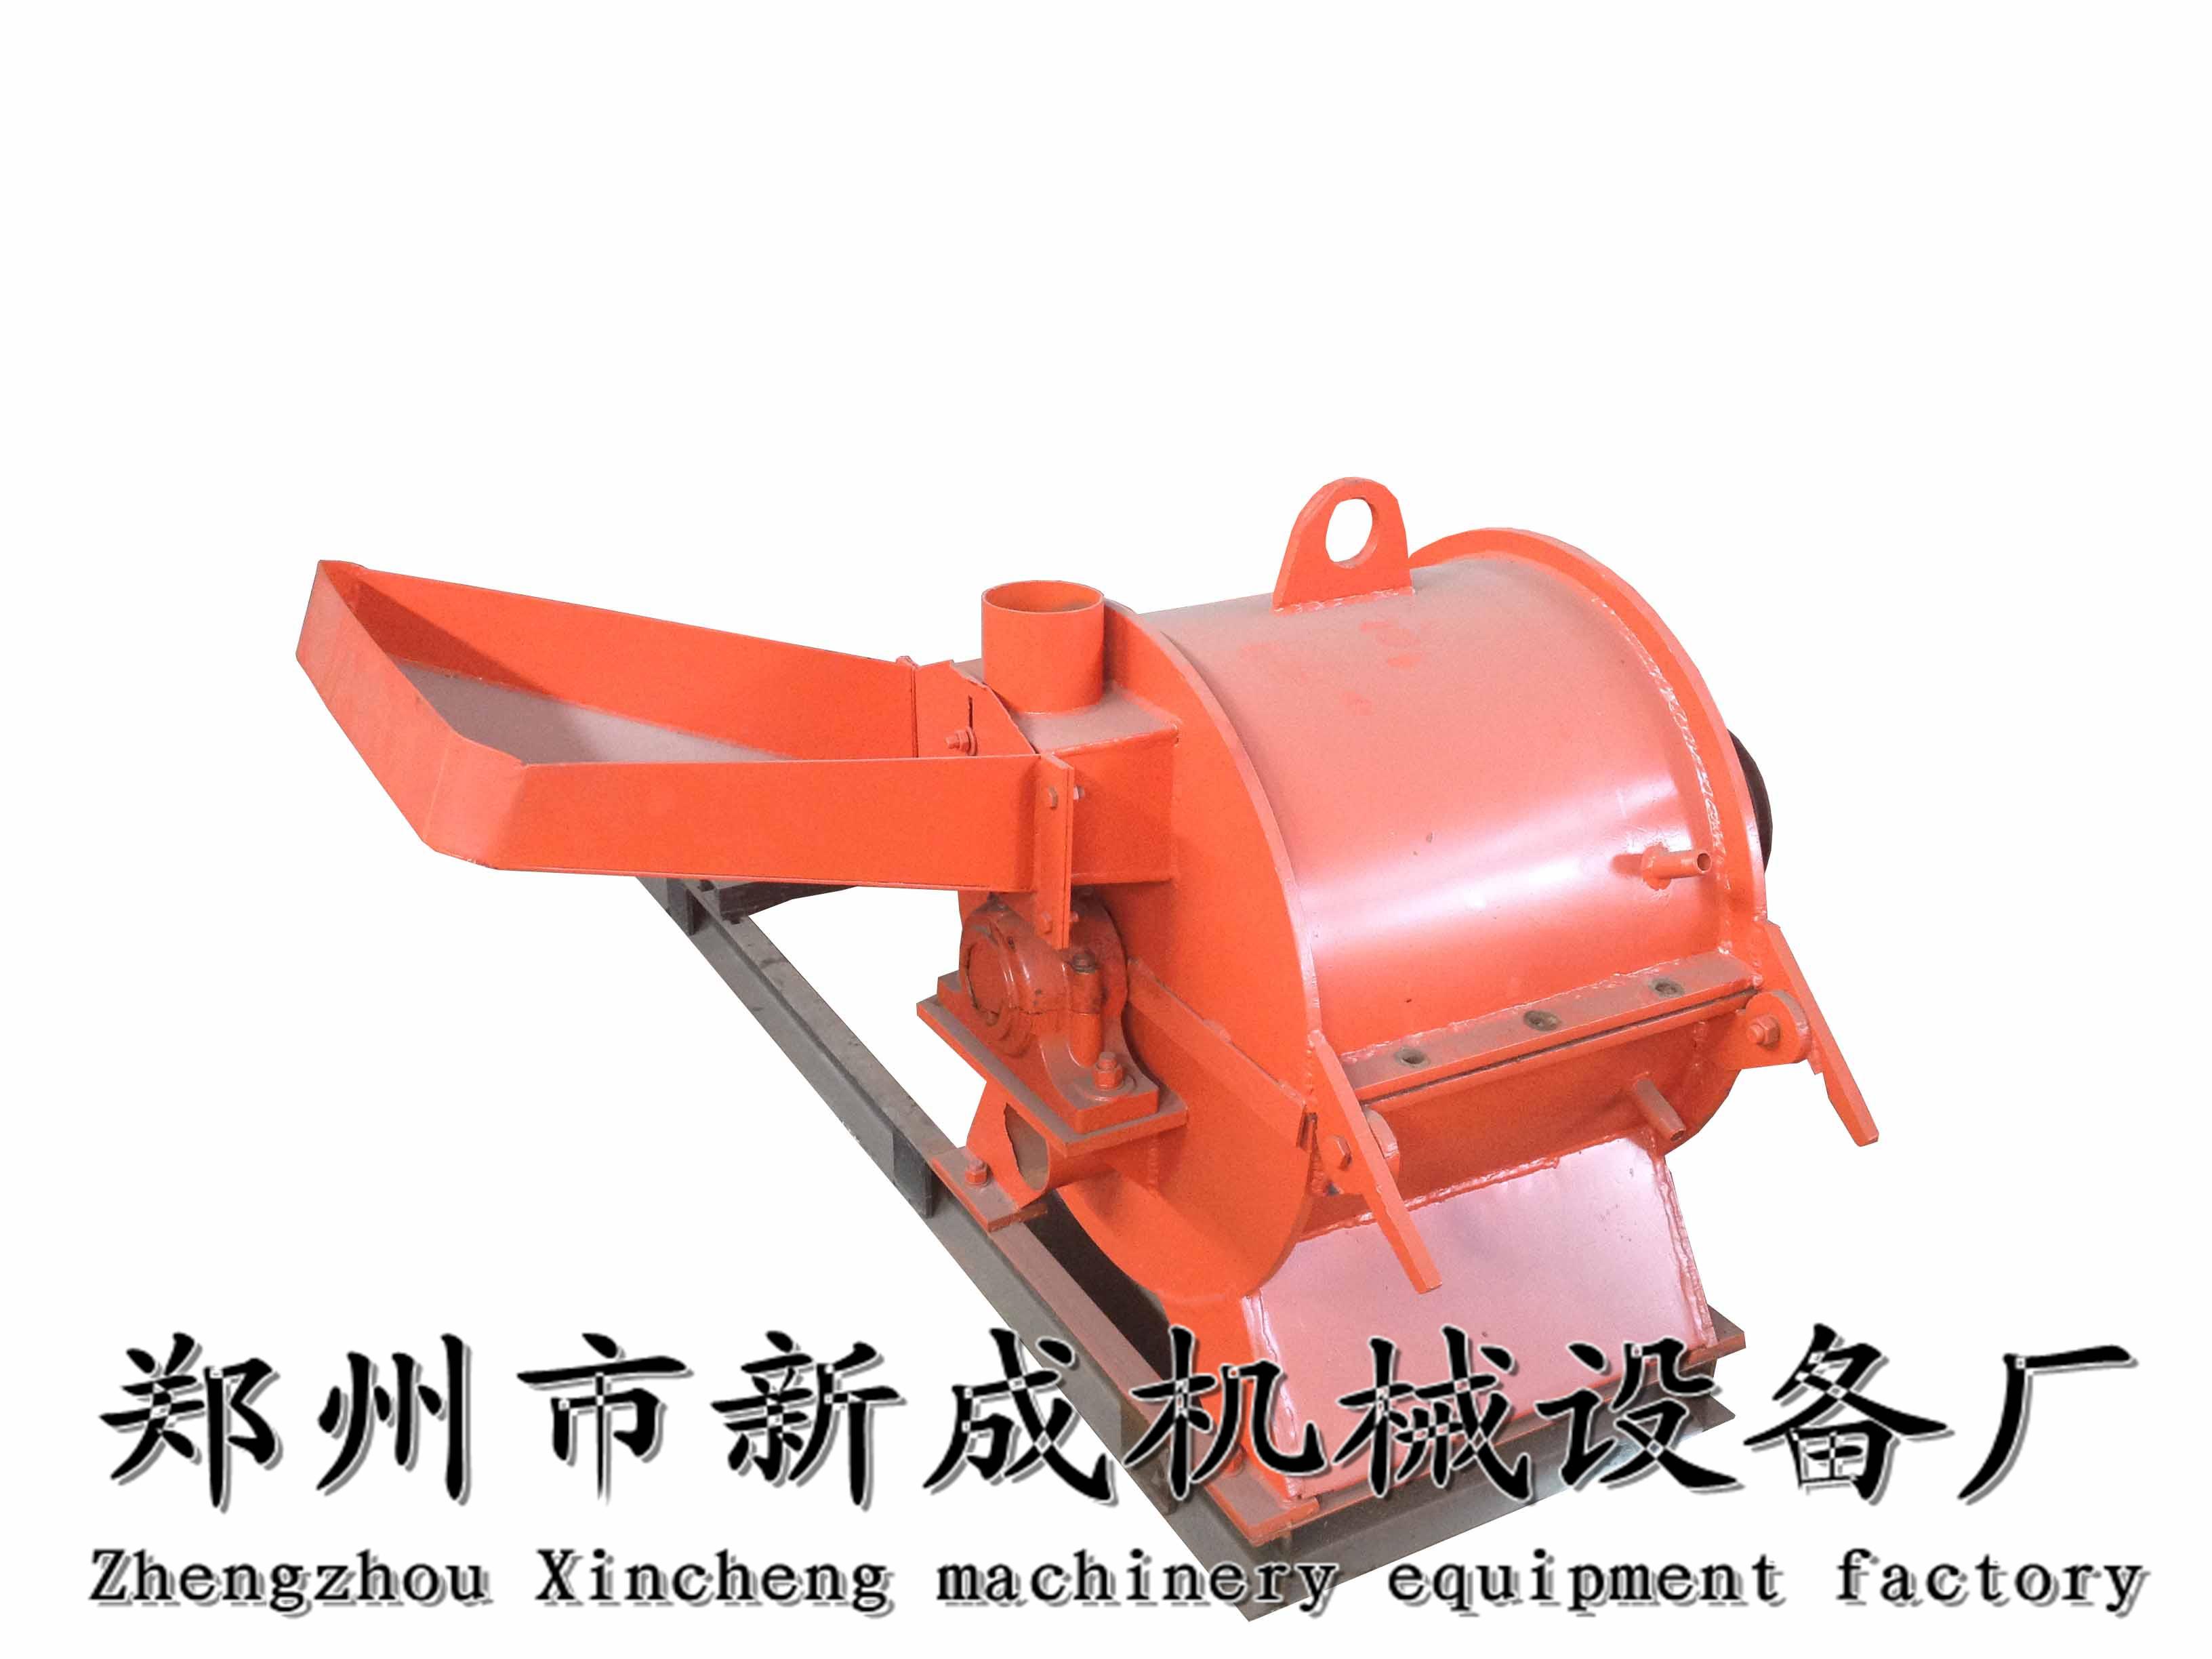 高产木粉机,高产木粉机价格,高产木粉机厂家